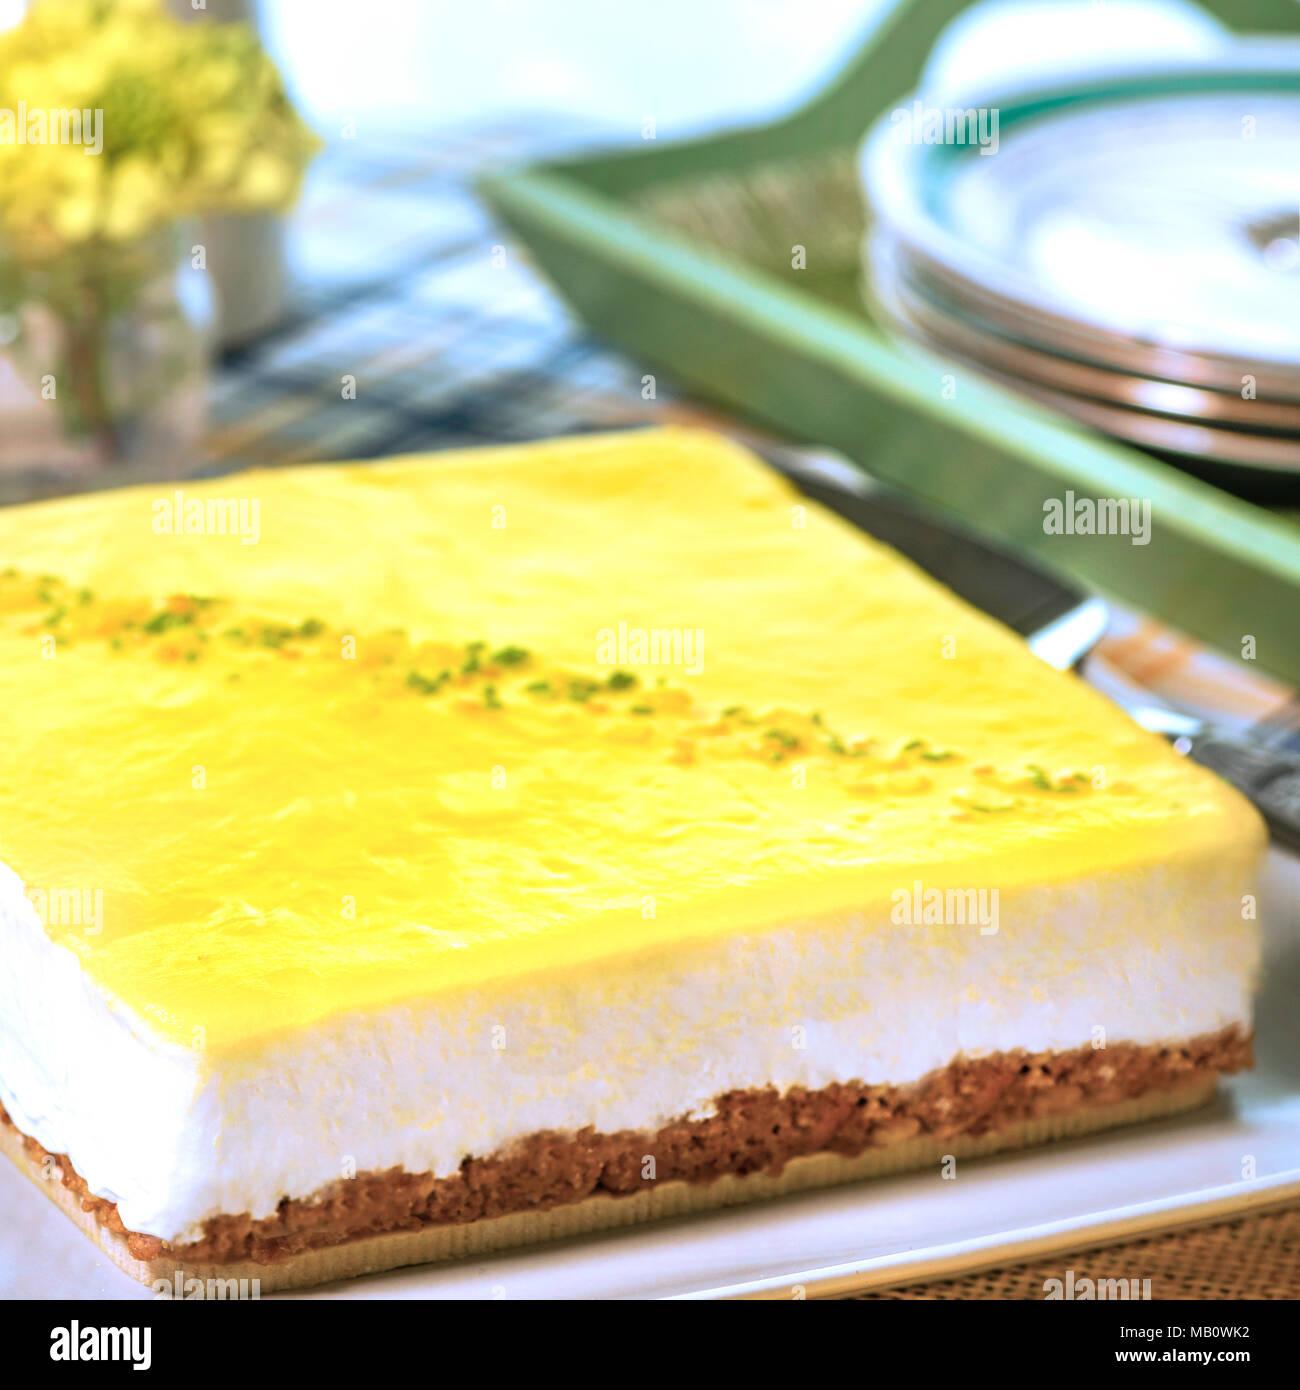 Gâteau au fromage au citron entier non coupé dans un paramètre d'été prêt pour un pique-nique dans un format carré avec copie espace Photo Stock